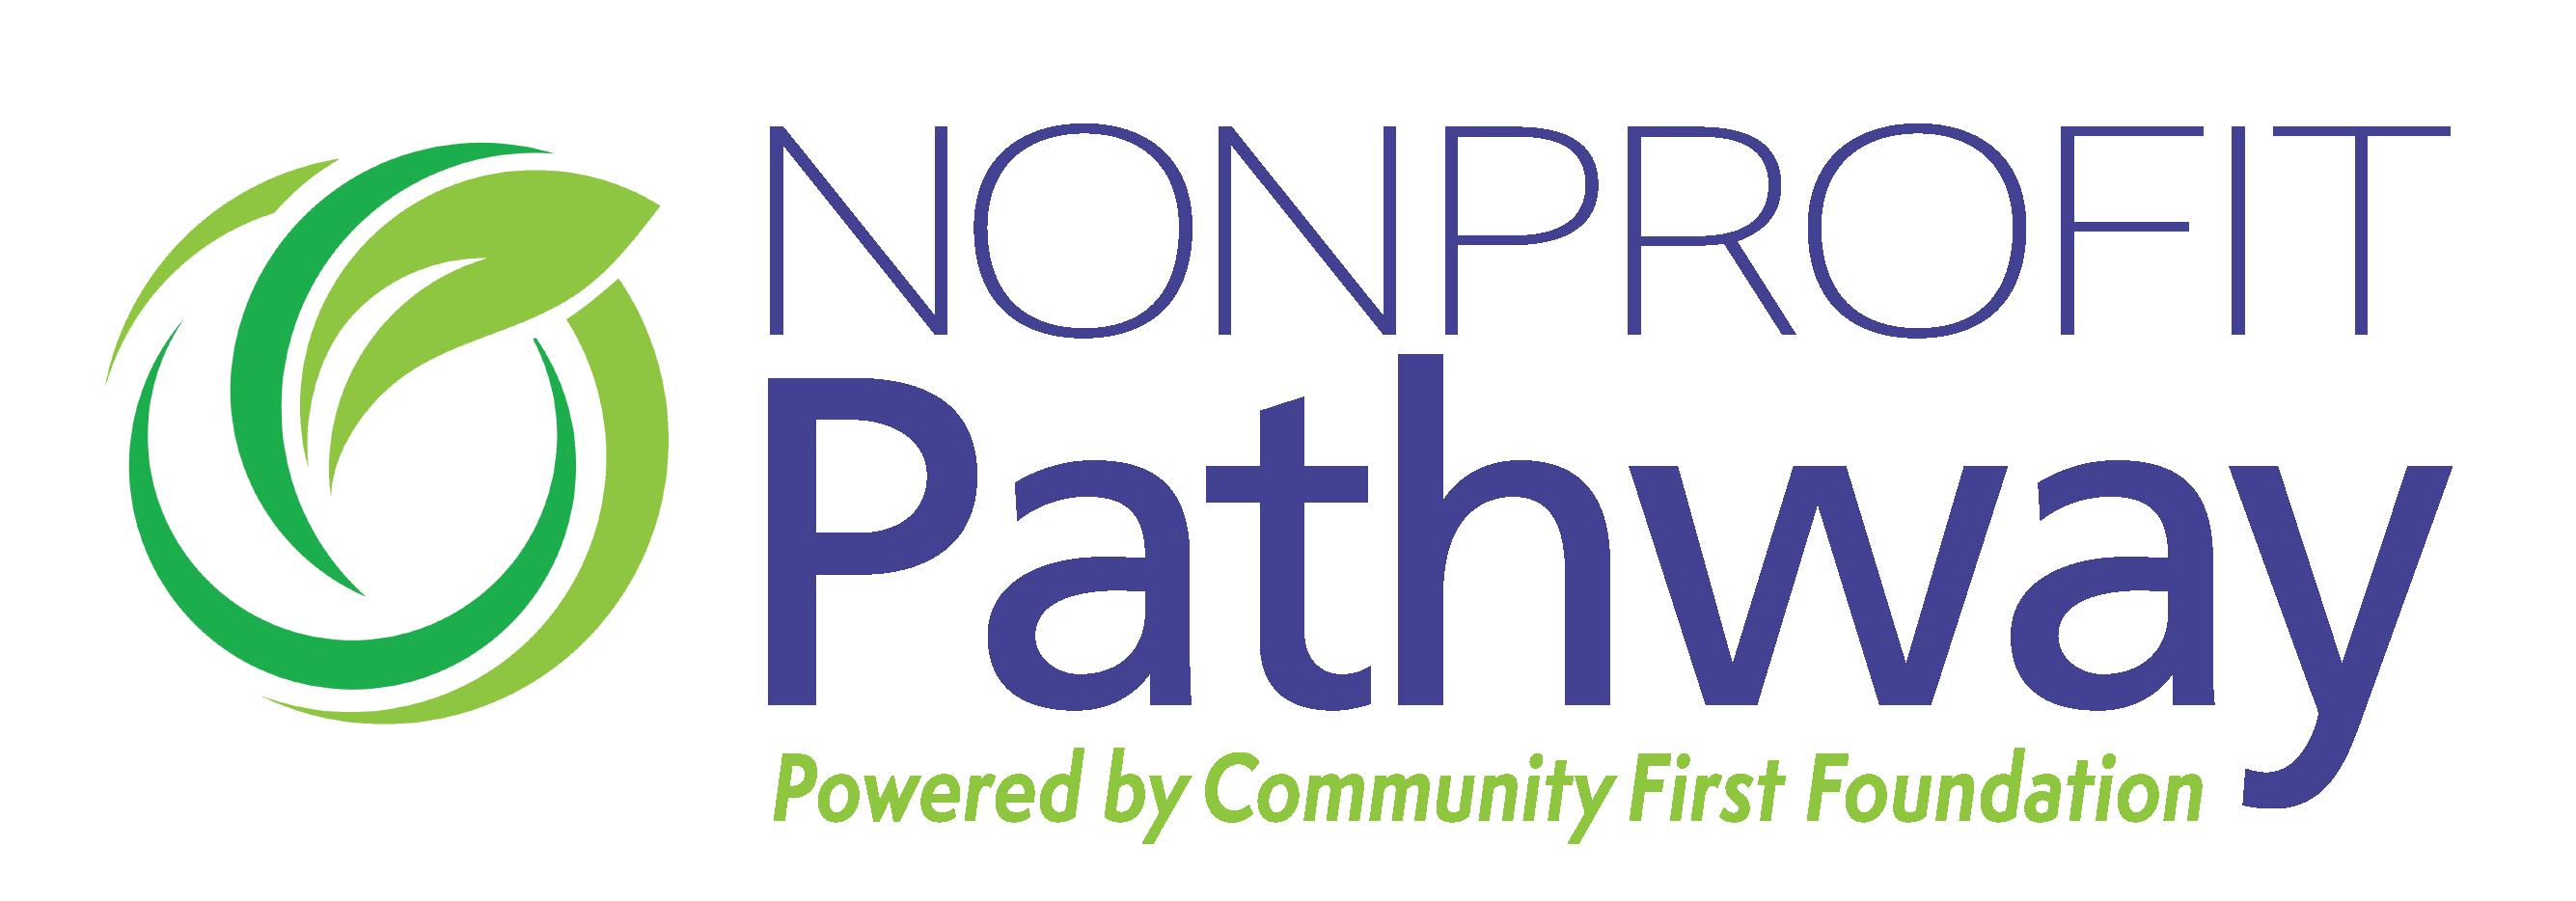 Nonprofit Pathway